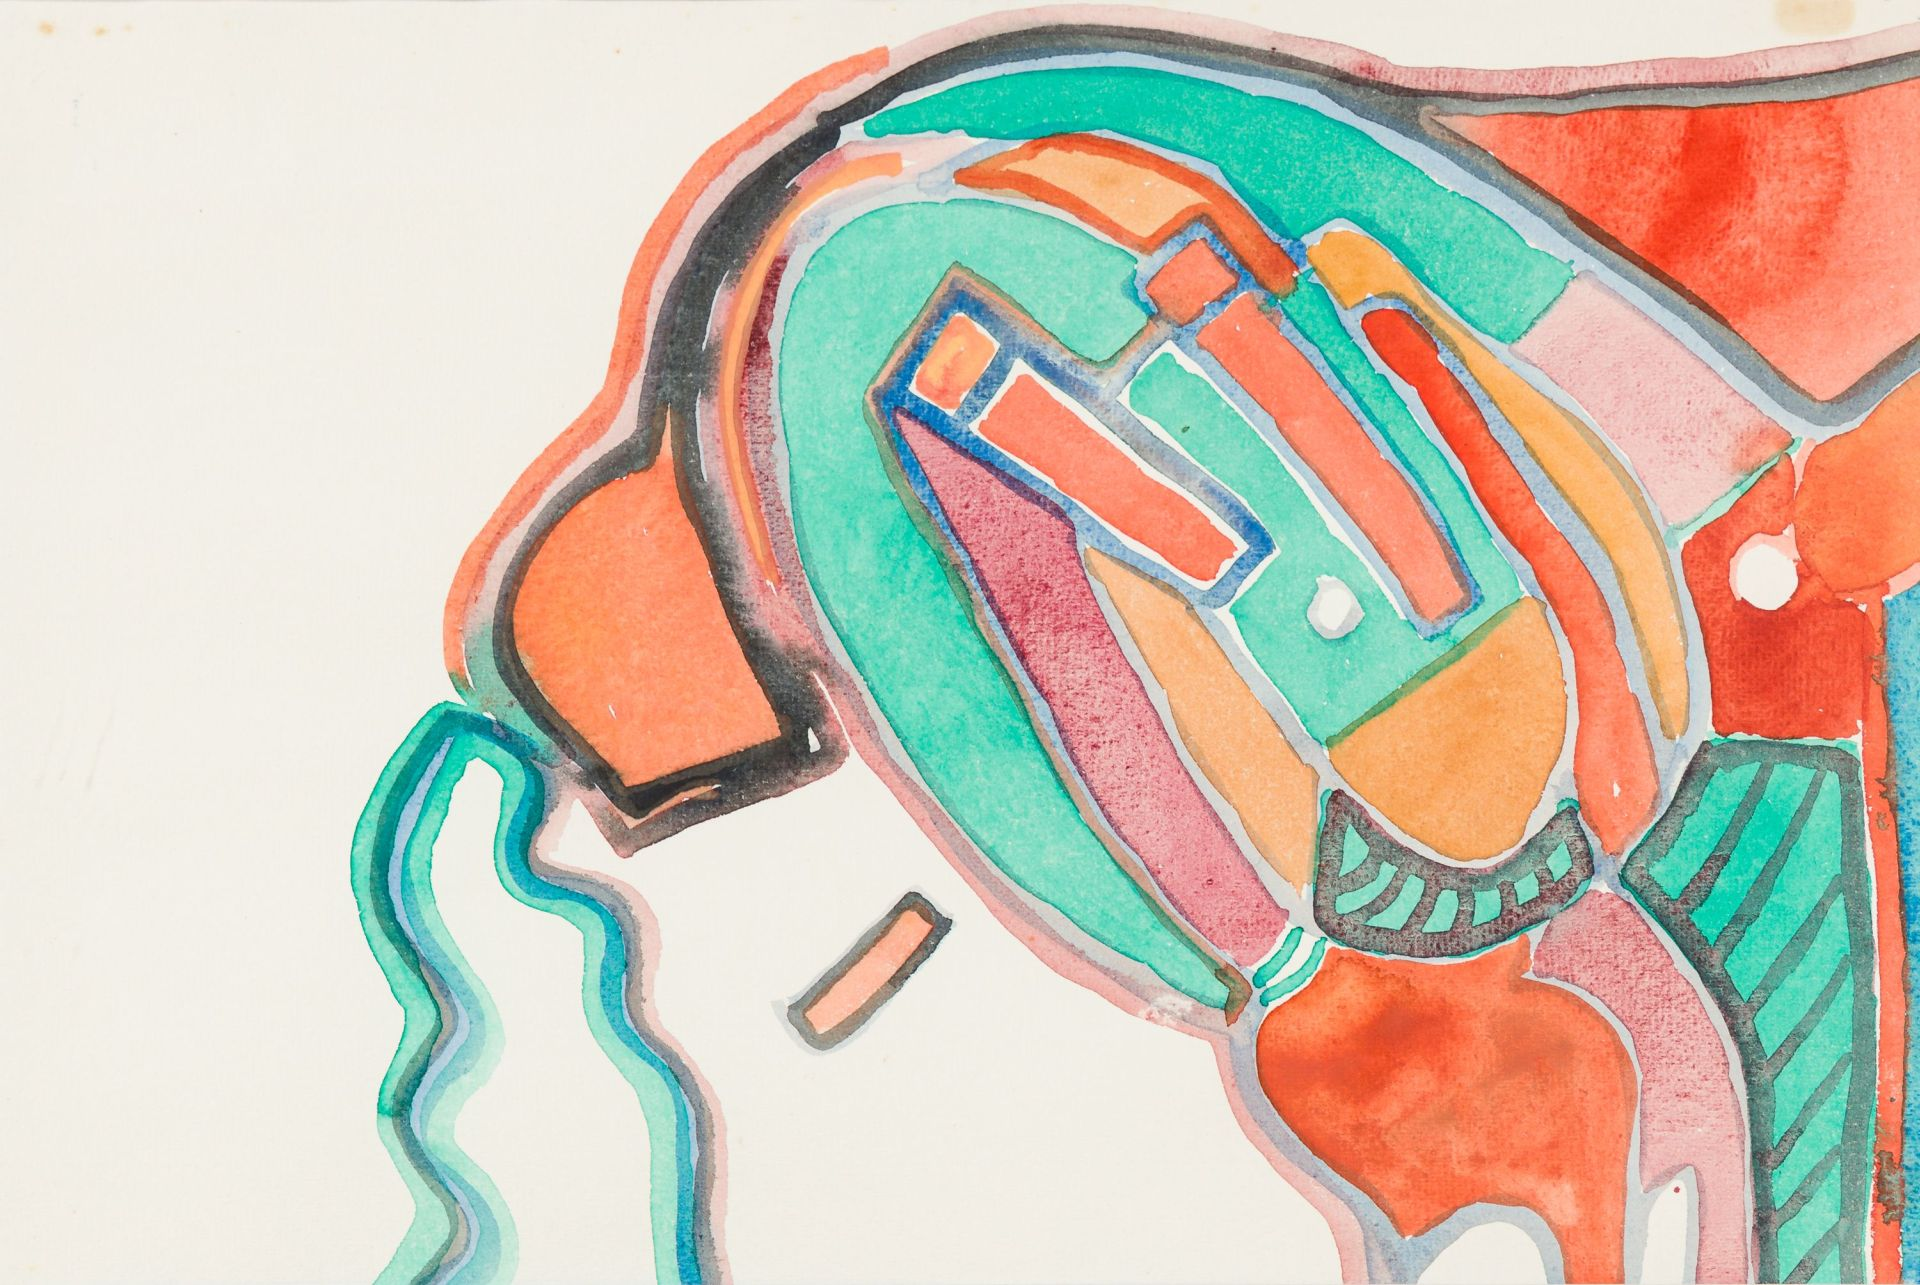 peter-griesser-www-petergriesser-com-490